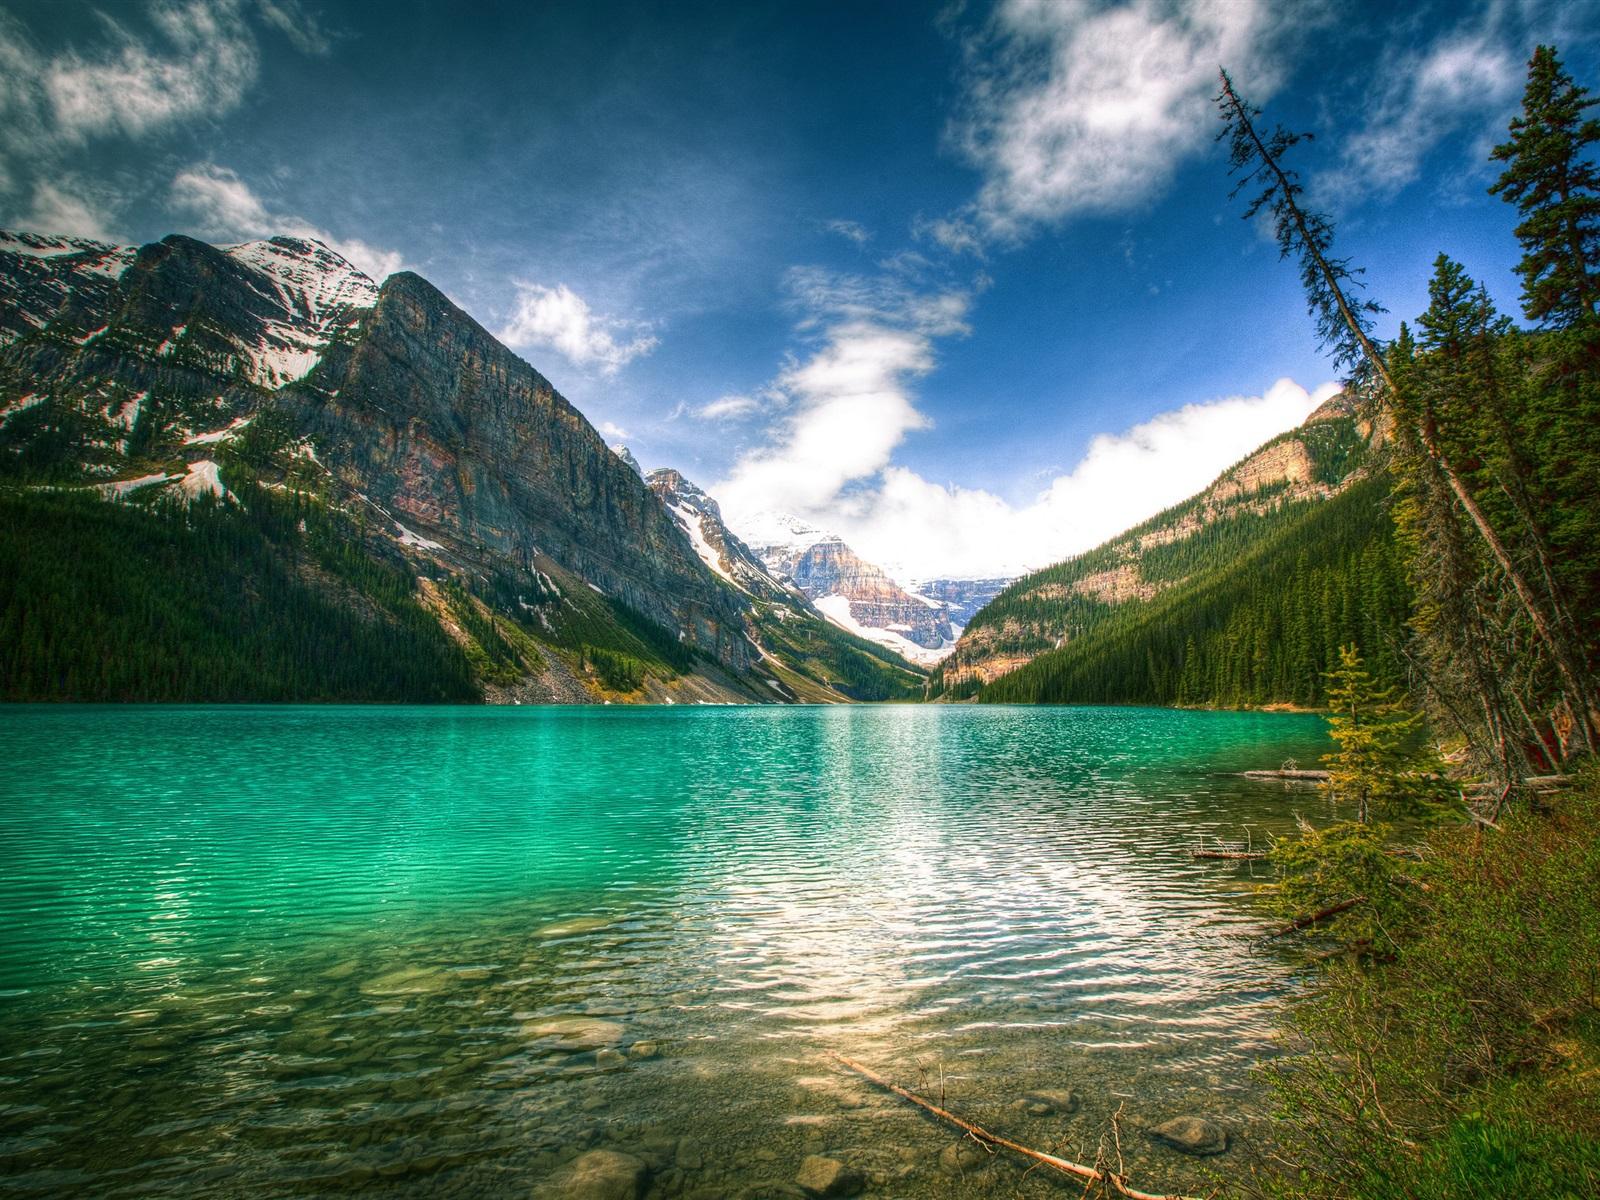 カナダの自然、山、空、湖、木 ...